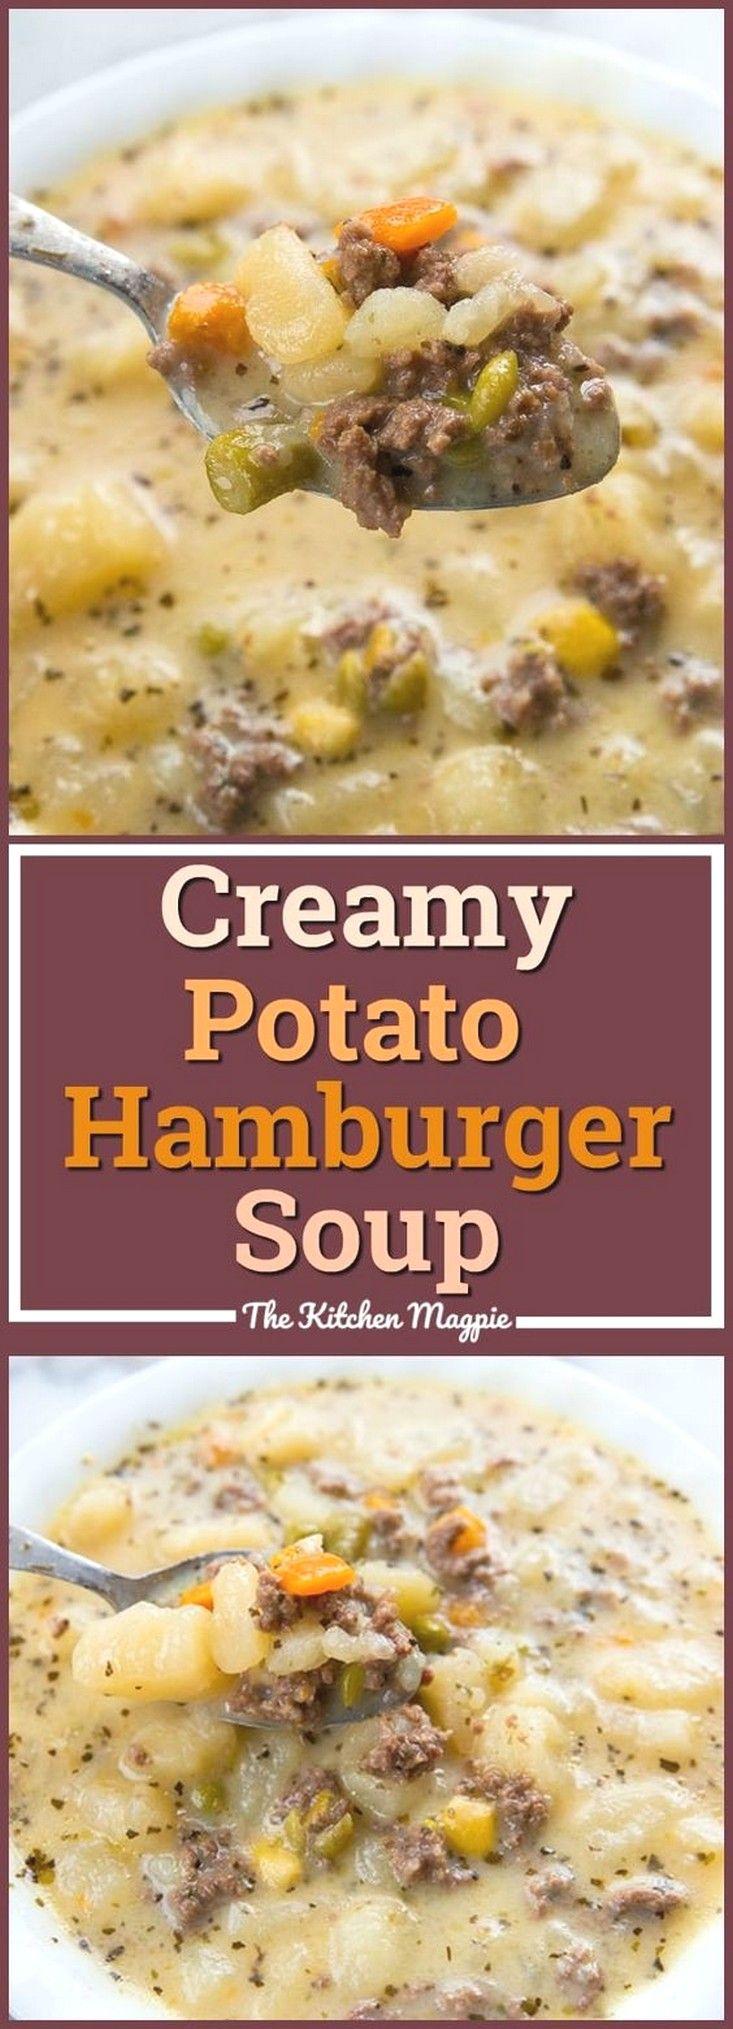 Creamy Potato & Hamburger Soup   Soup Recipes Ideas images